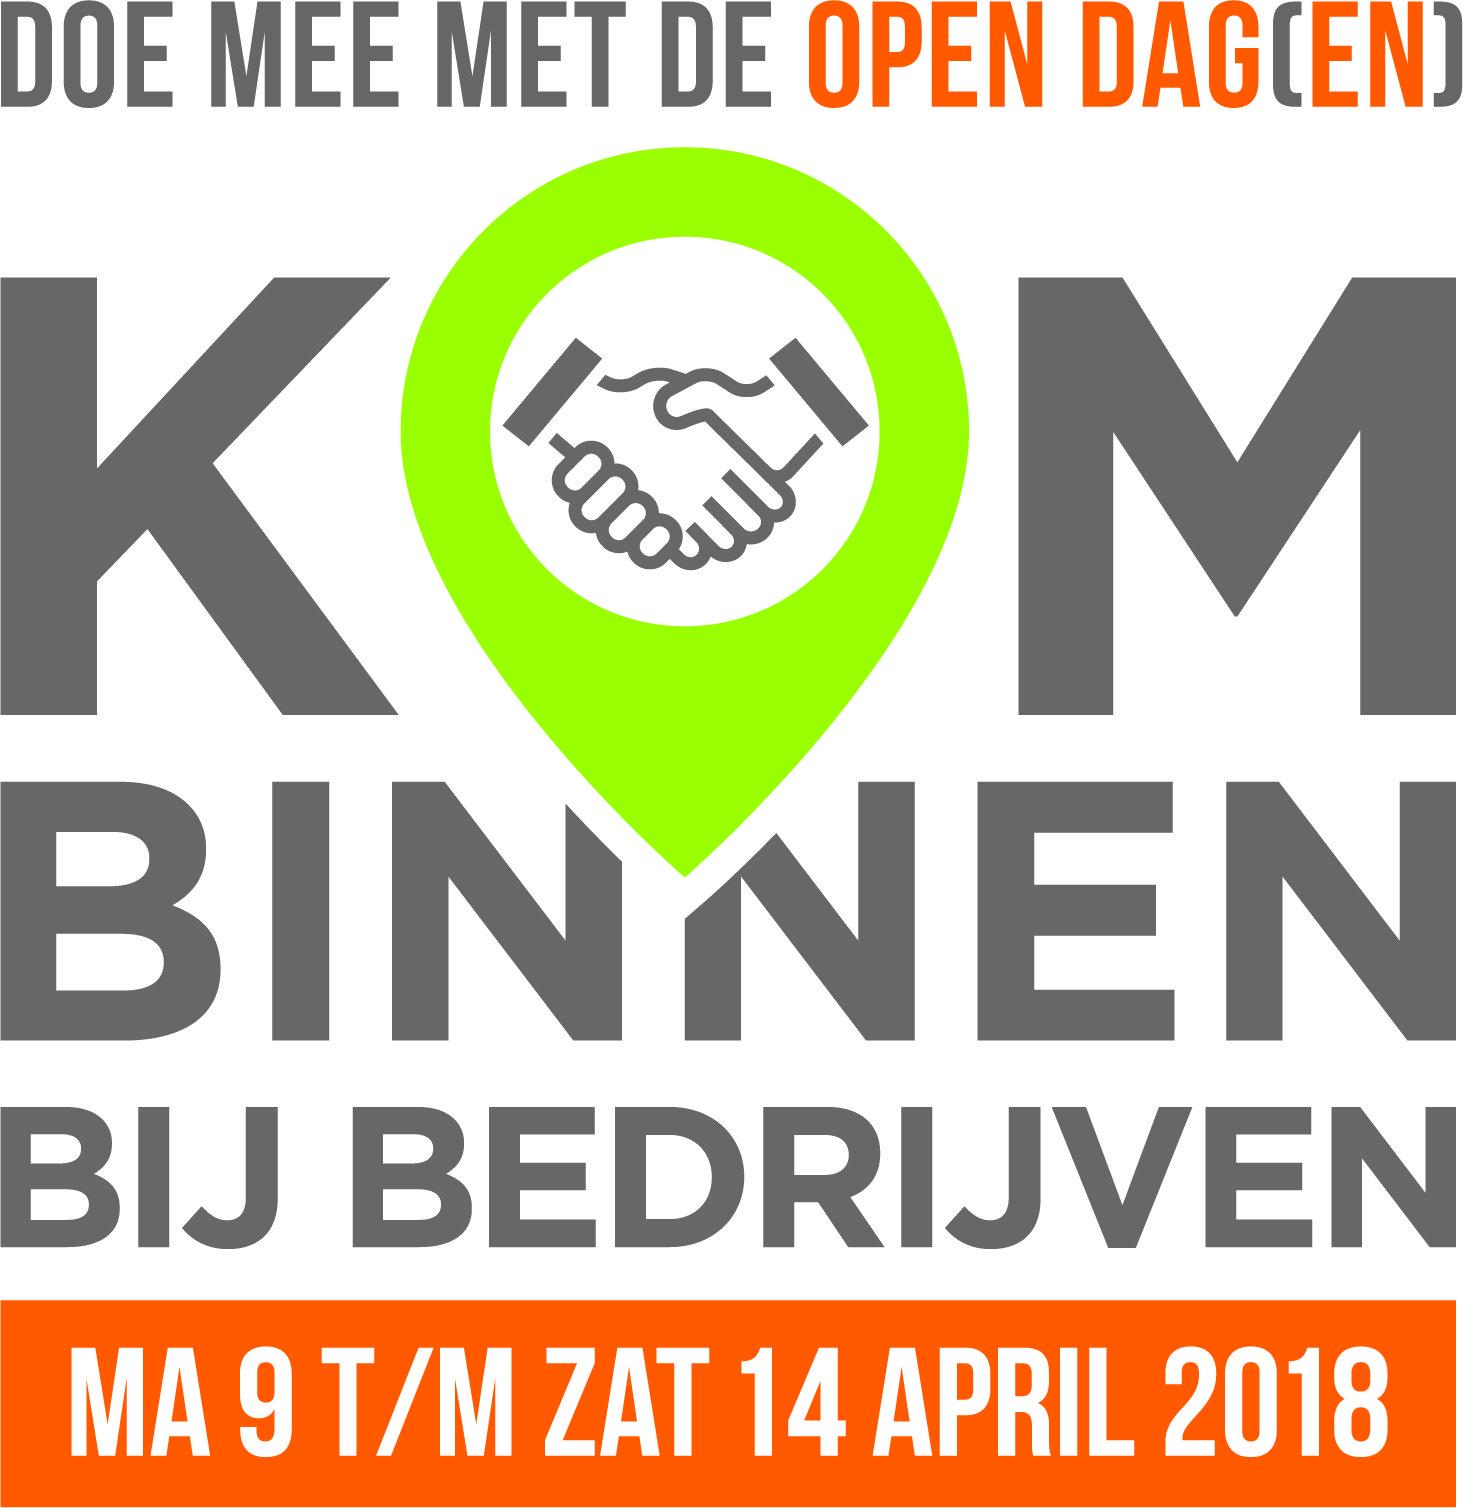 Vodavi deelnemer 'Kom binnen bij Bedrijven' op vrijdagmiddag 13 april 2018